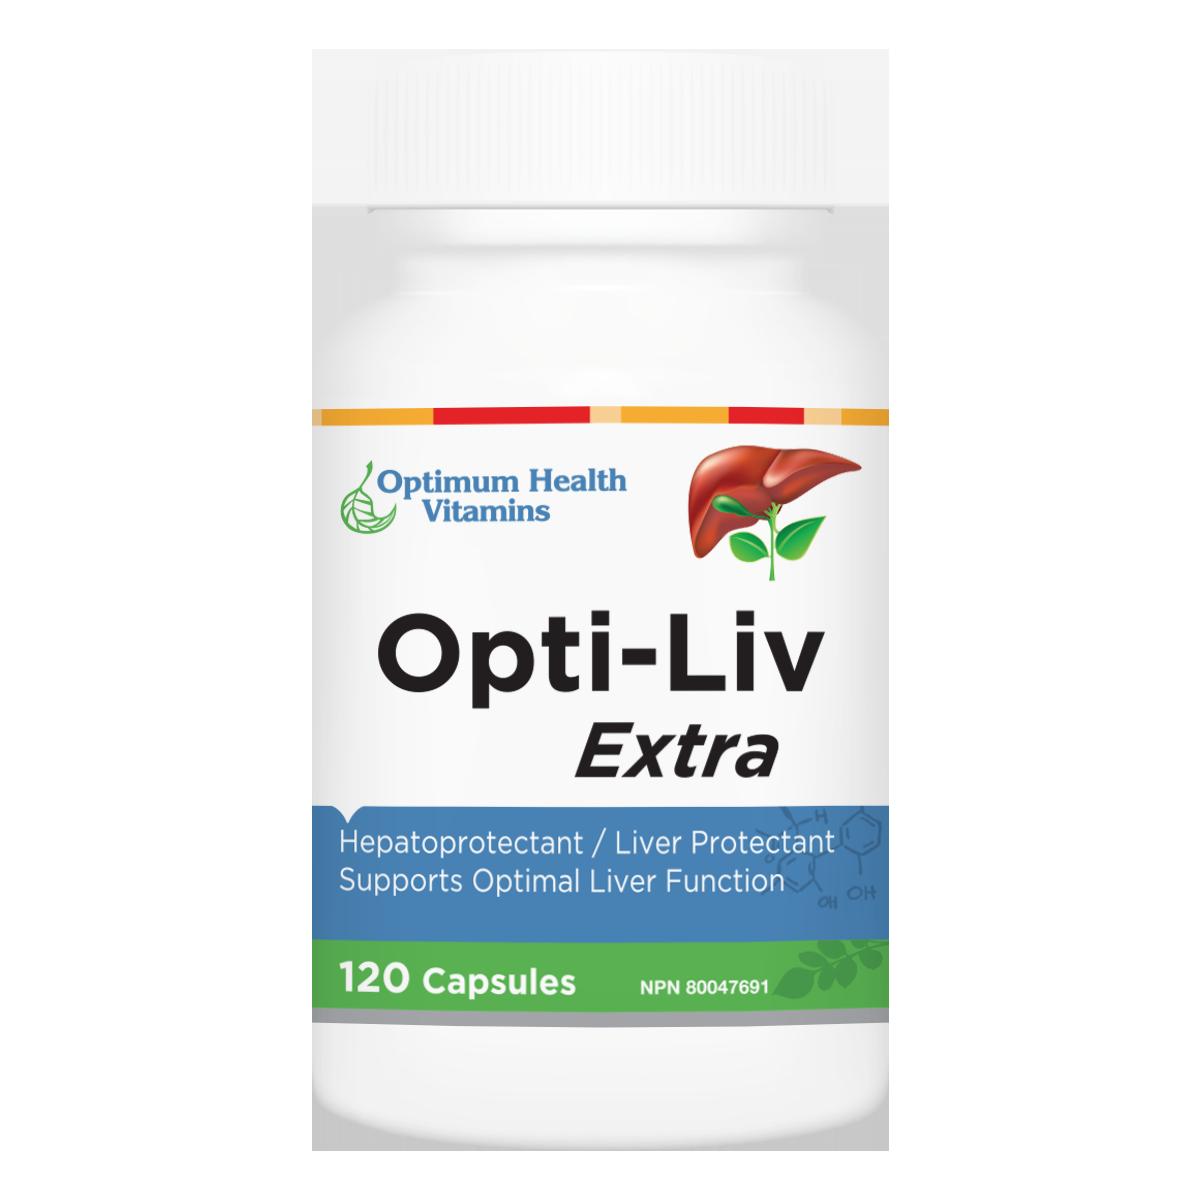 Opti-Liv Extra